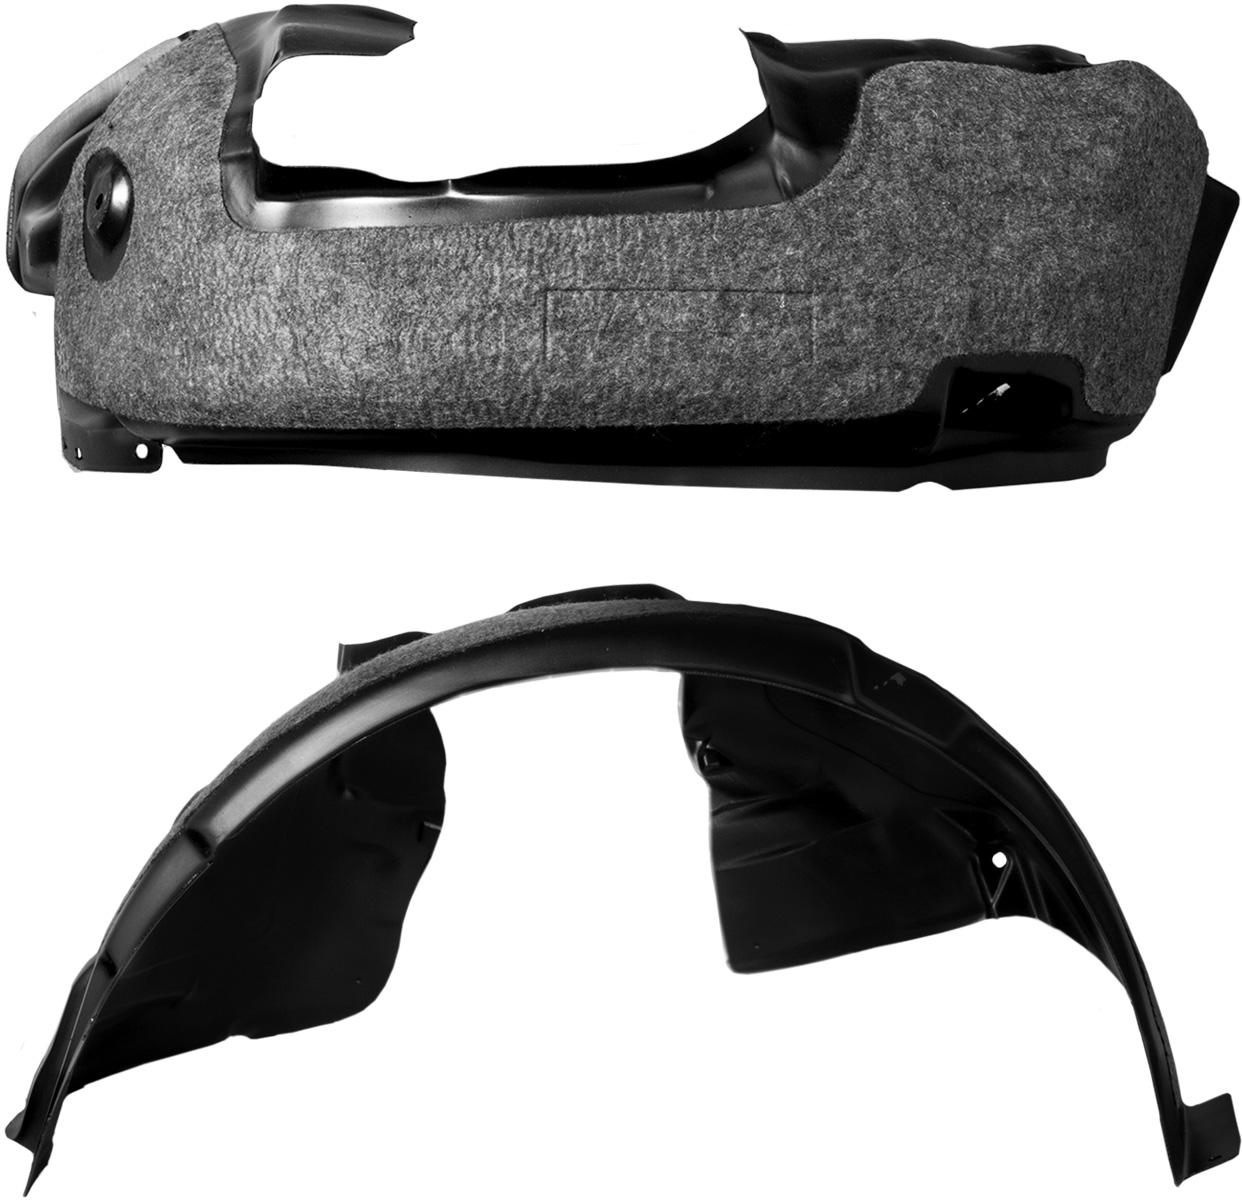 Подкрылок с шумоизоляцией Novline-Autofamily, для Nissan Teana седан, 03/2014 -> (передний левый)AdvoCam-FD-ONEПодкрылок с шумоизоляцией - революционный продукт, совмещающий в себе все достоинства обычного подкрылка, и в то же время являющийся одним из наиболее эффективных средств борьбы с внешним шумом в салоне автомобиля. Подкрылки бренда Novline-Autofamily разрабатываются индивидуально для каждого автомобиля с использованием метода 3D-сканирования.В качестве шумоизолирующего слоя применяется легкое синтетическое нетканое полотно толщиной 10 мм, которое отталкивает влагу, сохраняет свои шумоизоляционные свойства на протяжении всего периода эксплуатации.Подкрылки с шумоизоляцией не имеют эксплуатационных ограничений и устанавливаются один раз на весь срок службы автомобиля.Подкрылки с шумоизоляцией не имеют аналогов и являются российским изобретением, получившим признание во всём мире. Уважаемые клиенты! Обращаем ваше внимание, фото может не полностью соответствовать оригиналу.